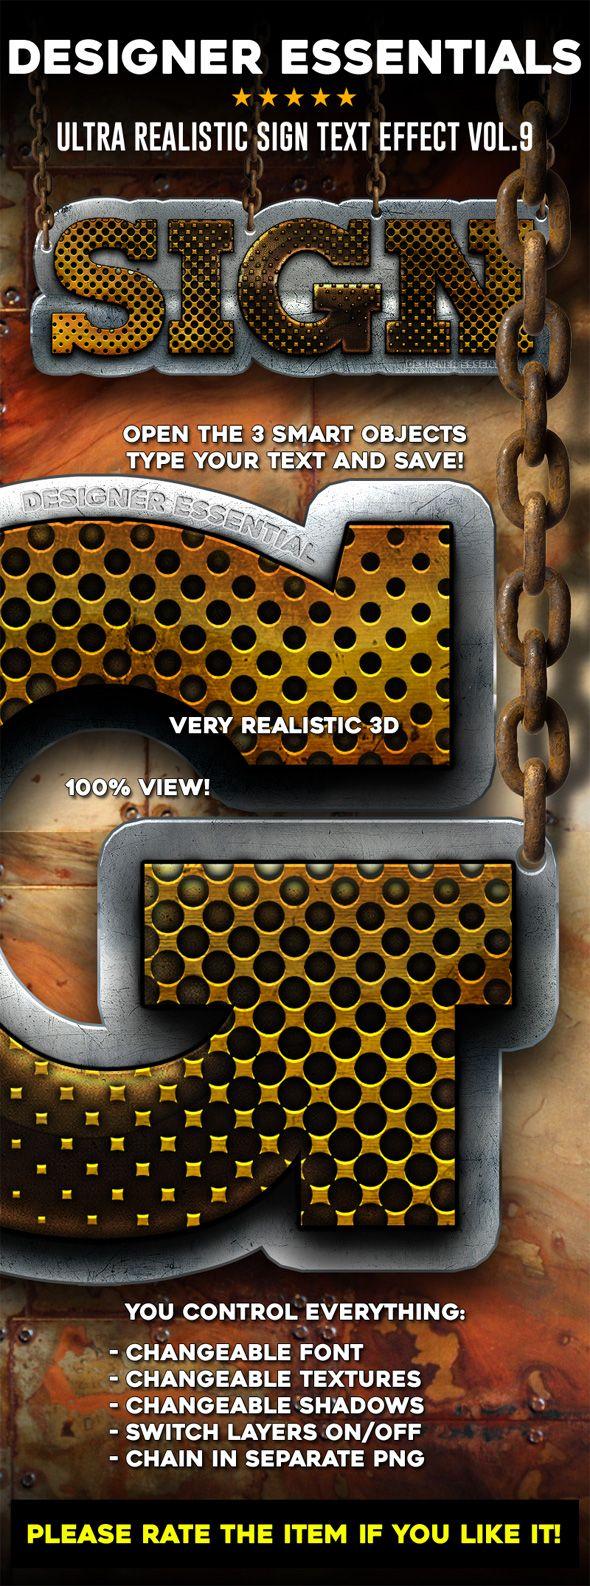 Designer Essentials Ultra Realistic Text Effect Vol.9